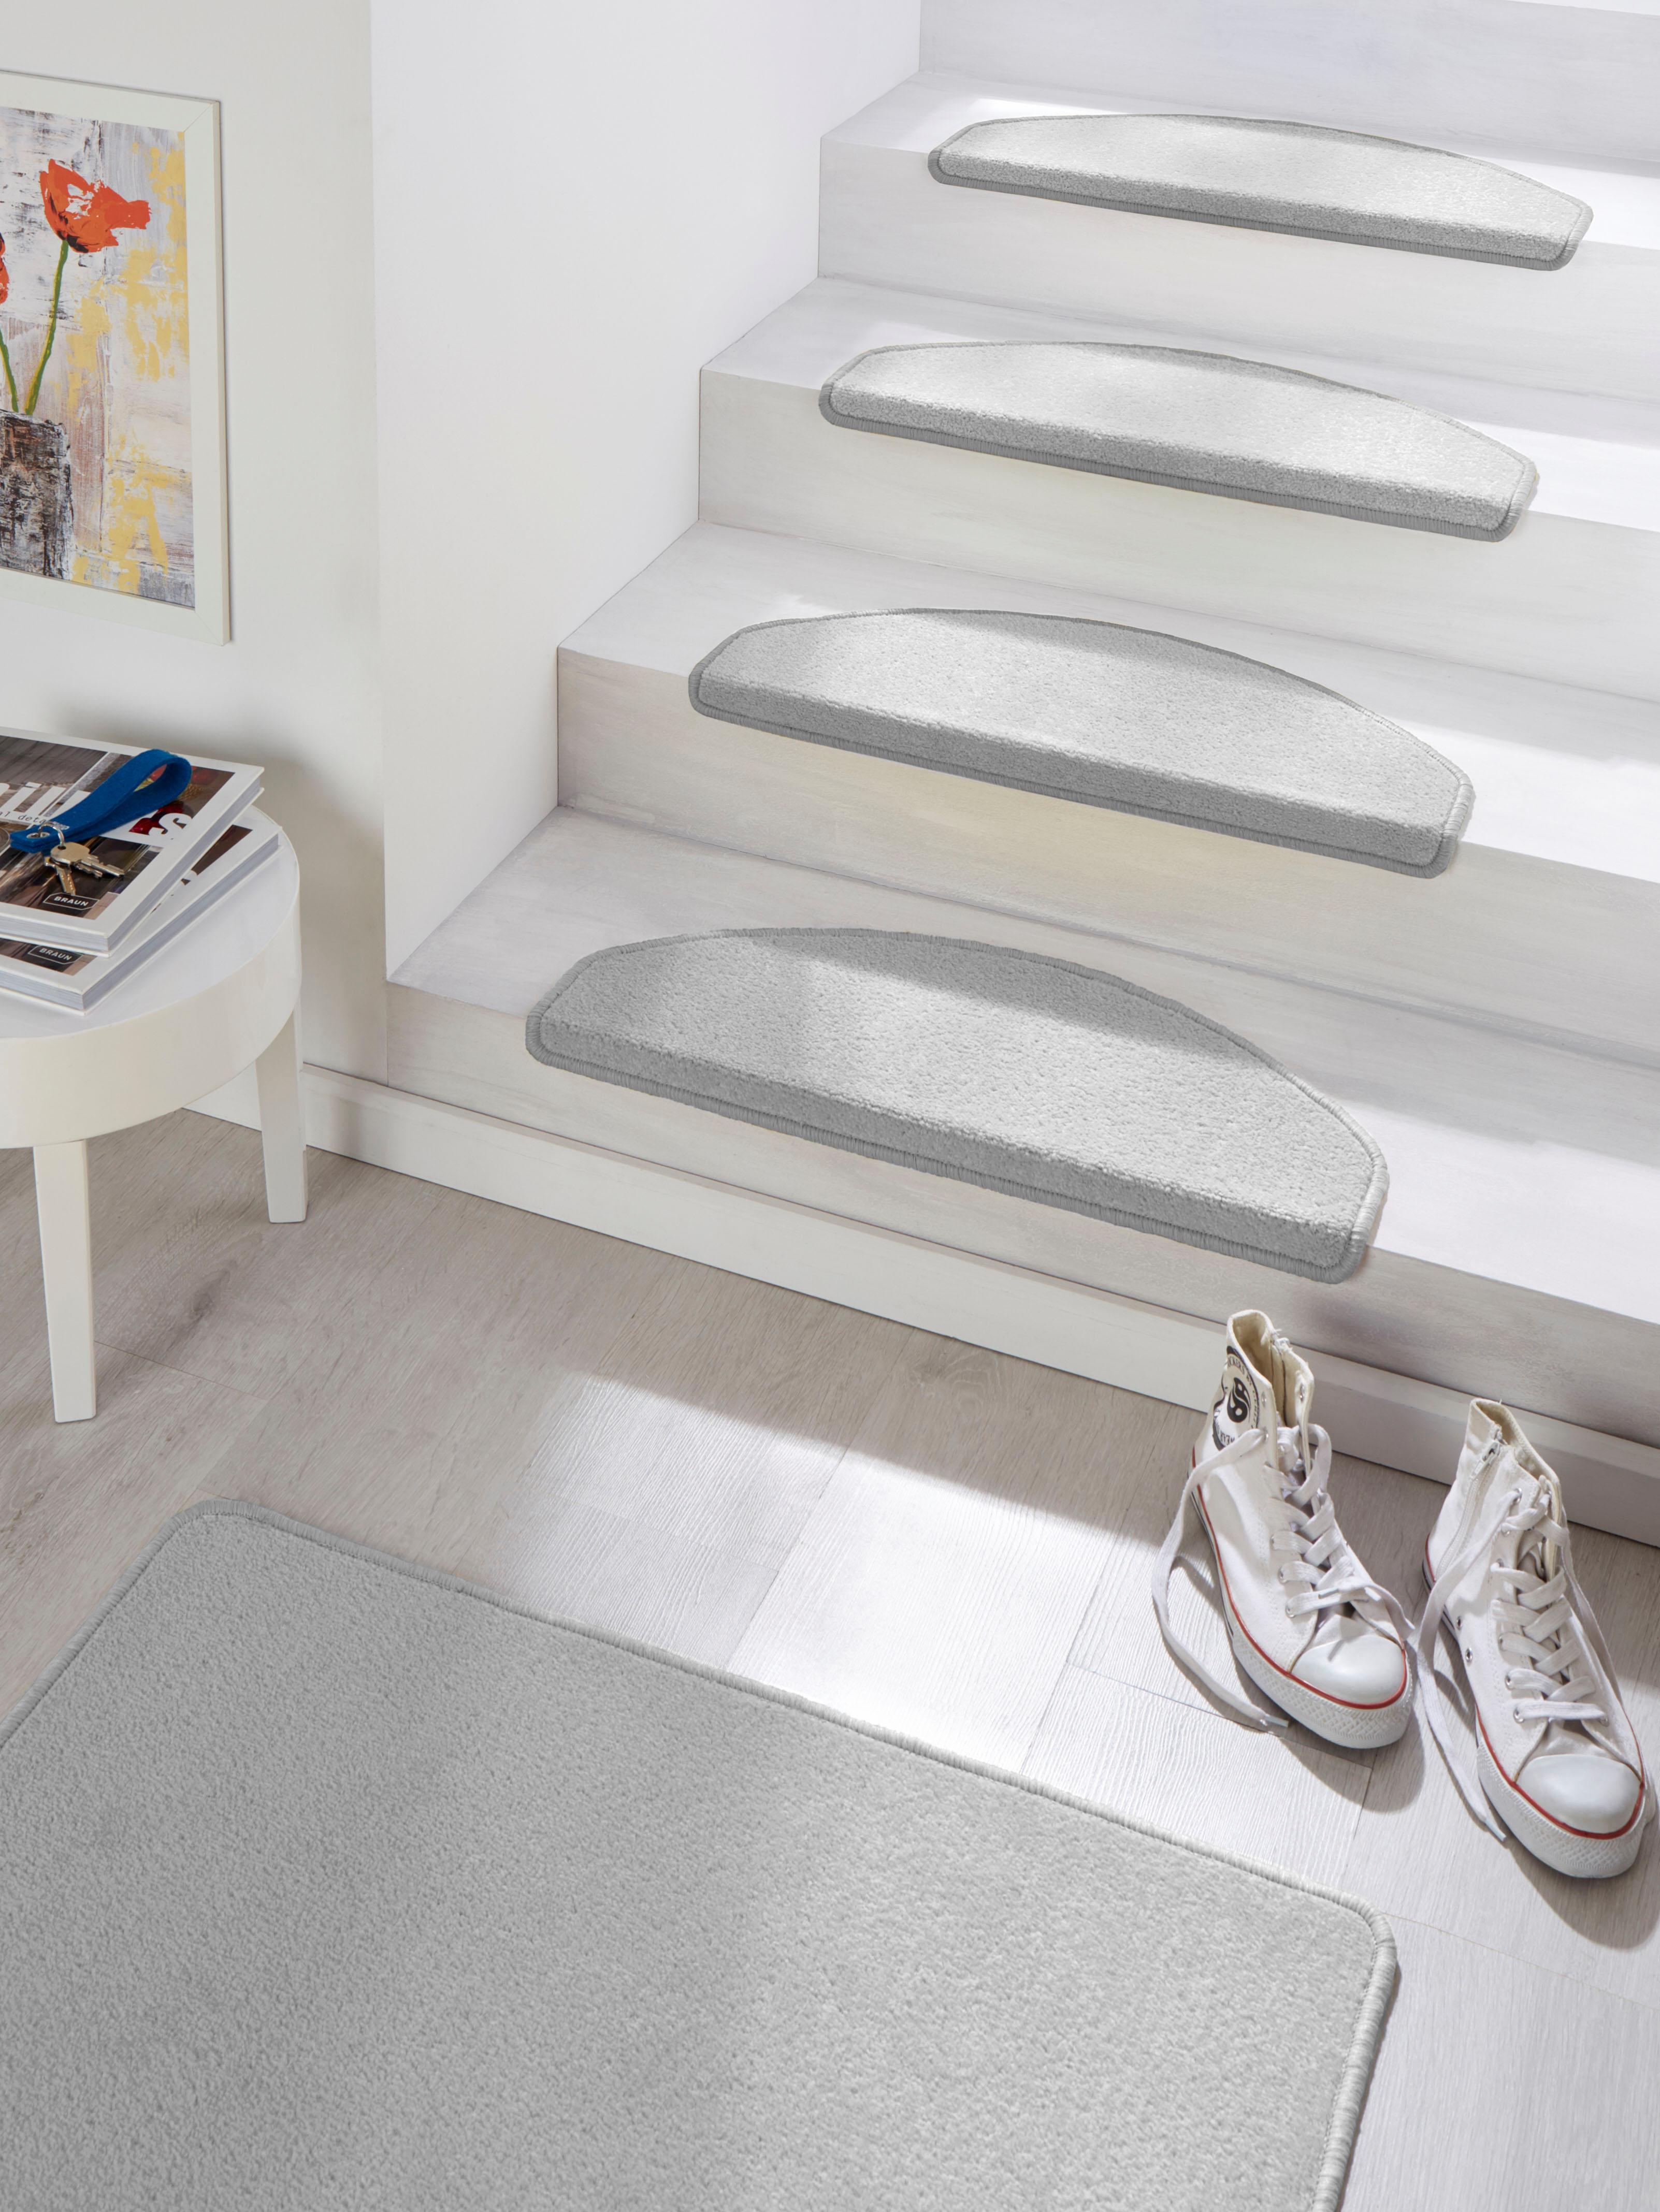 HANSE Home Stufenmatte Fancy, halbrund, 7 mm Höhe, große Farbauswahl, 15 Stück in einem Set grau Stufenmatten Teppiche